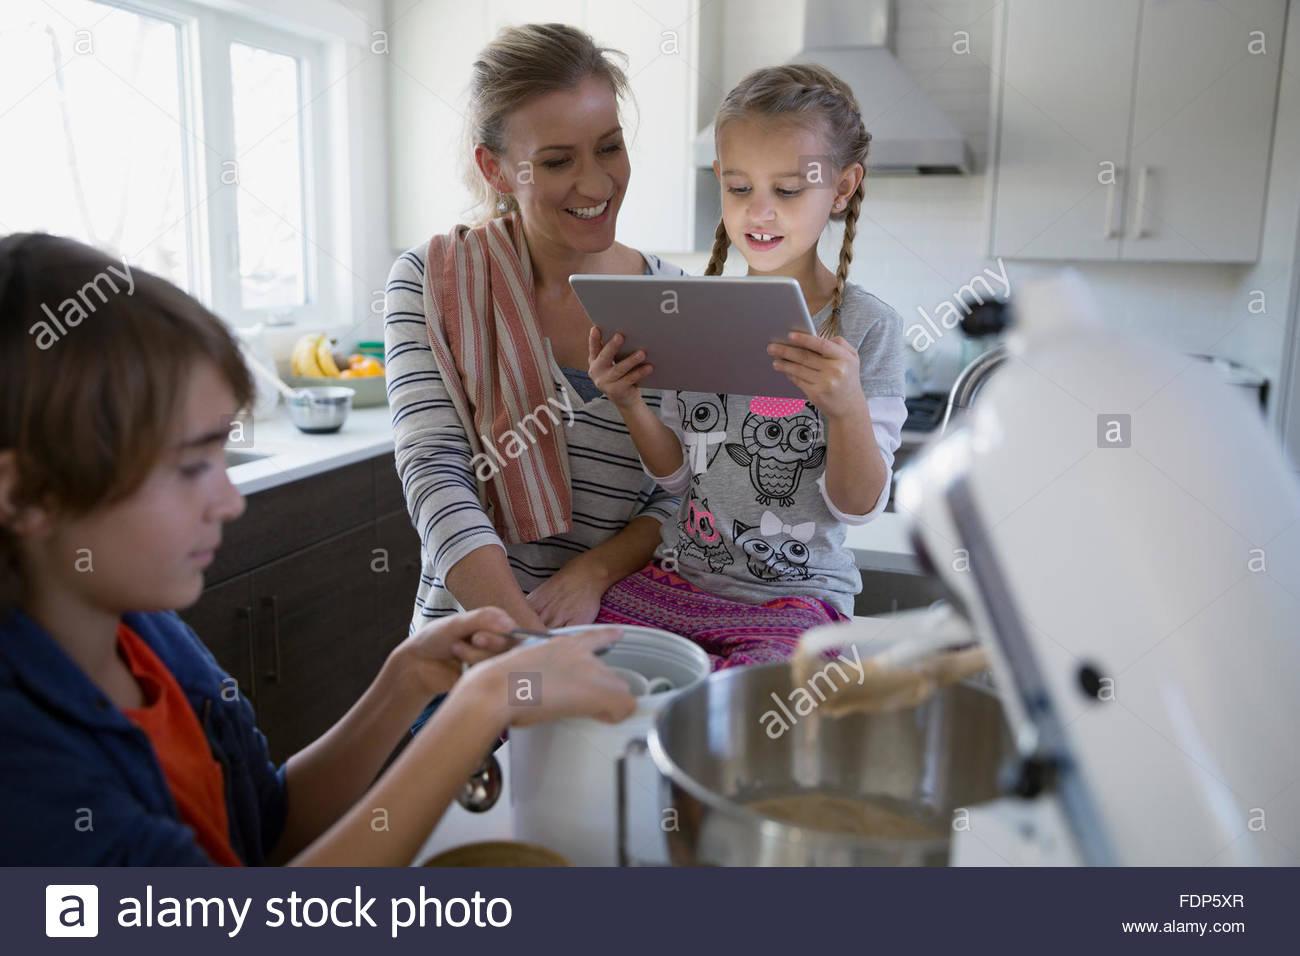 La madre y los hijos hornear con cocina de tableta digital Imagen De Stock